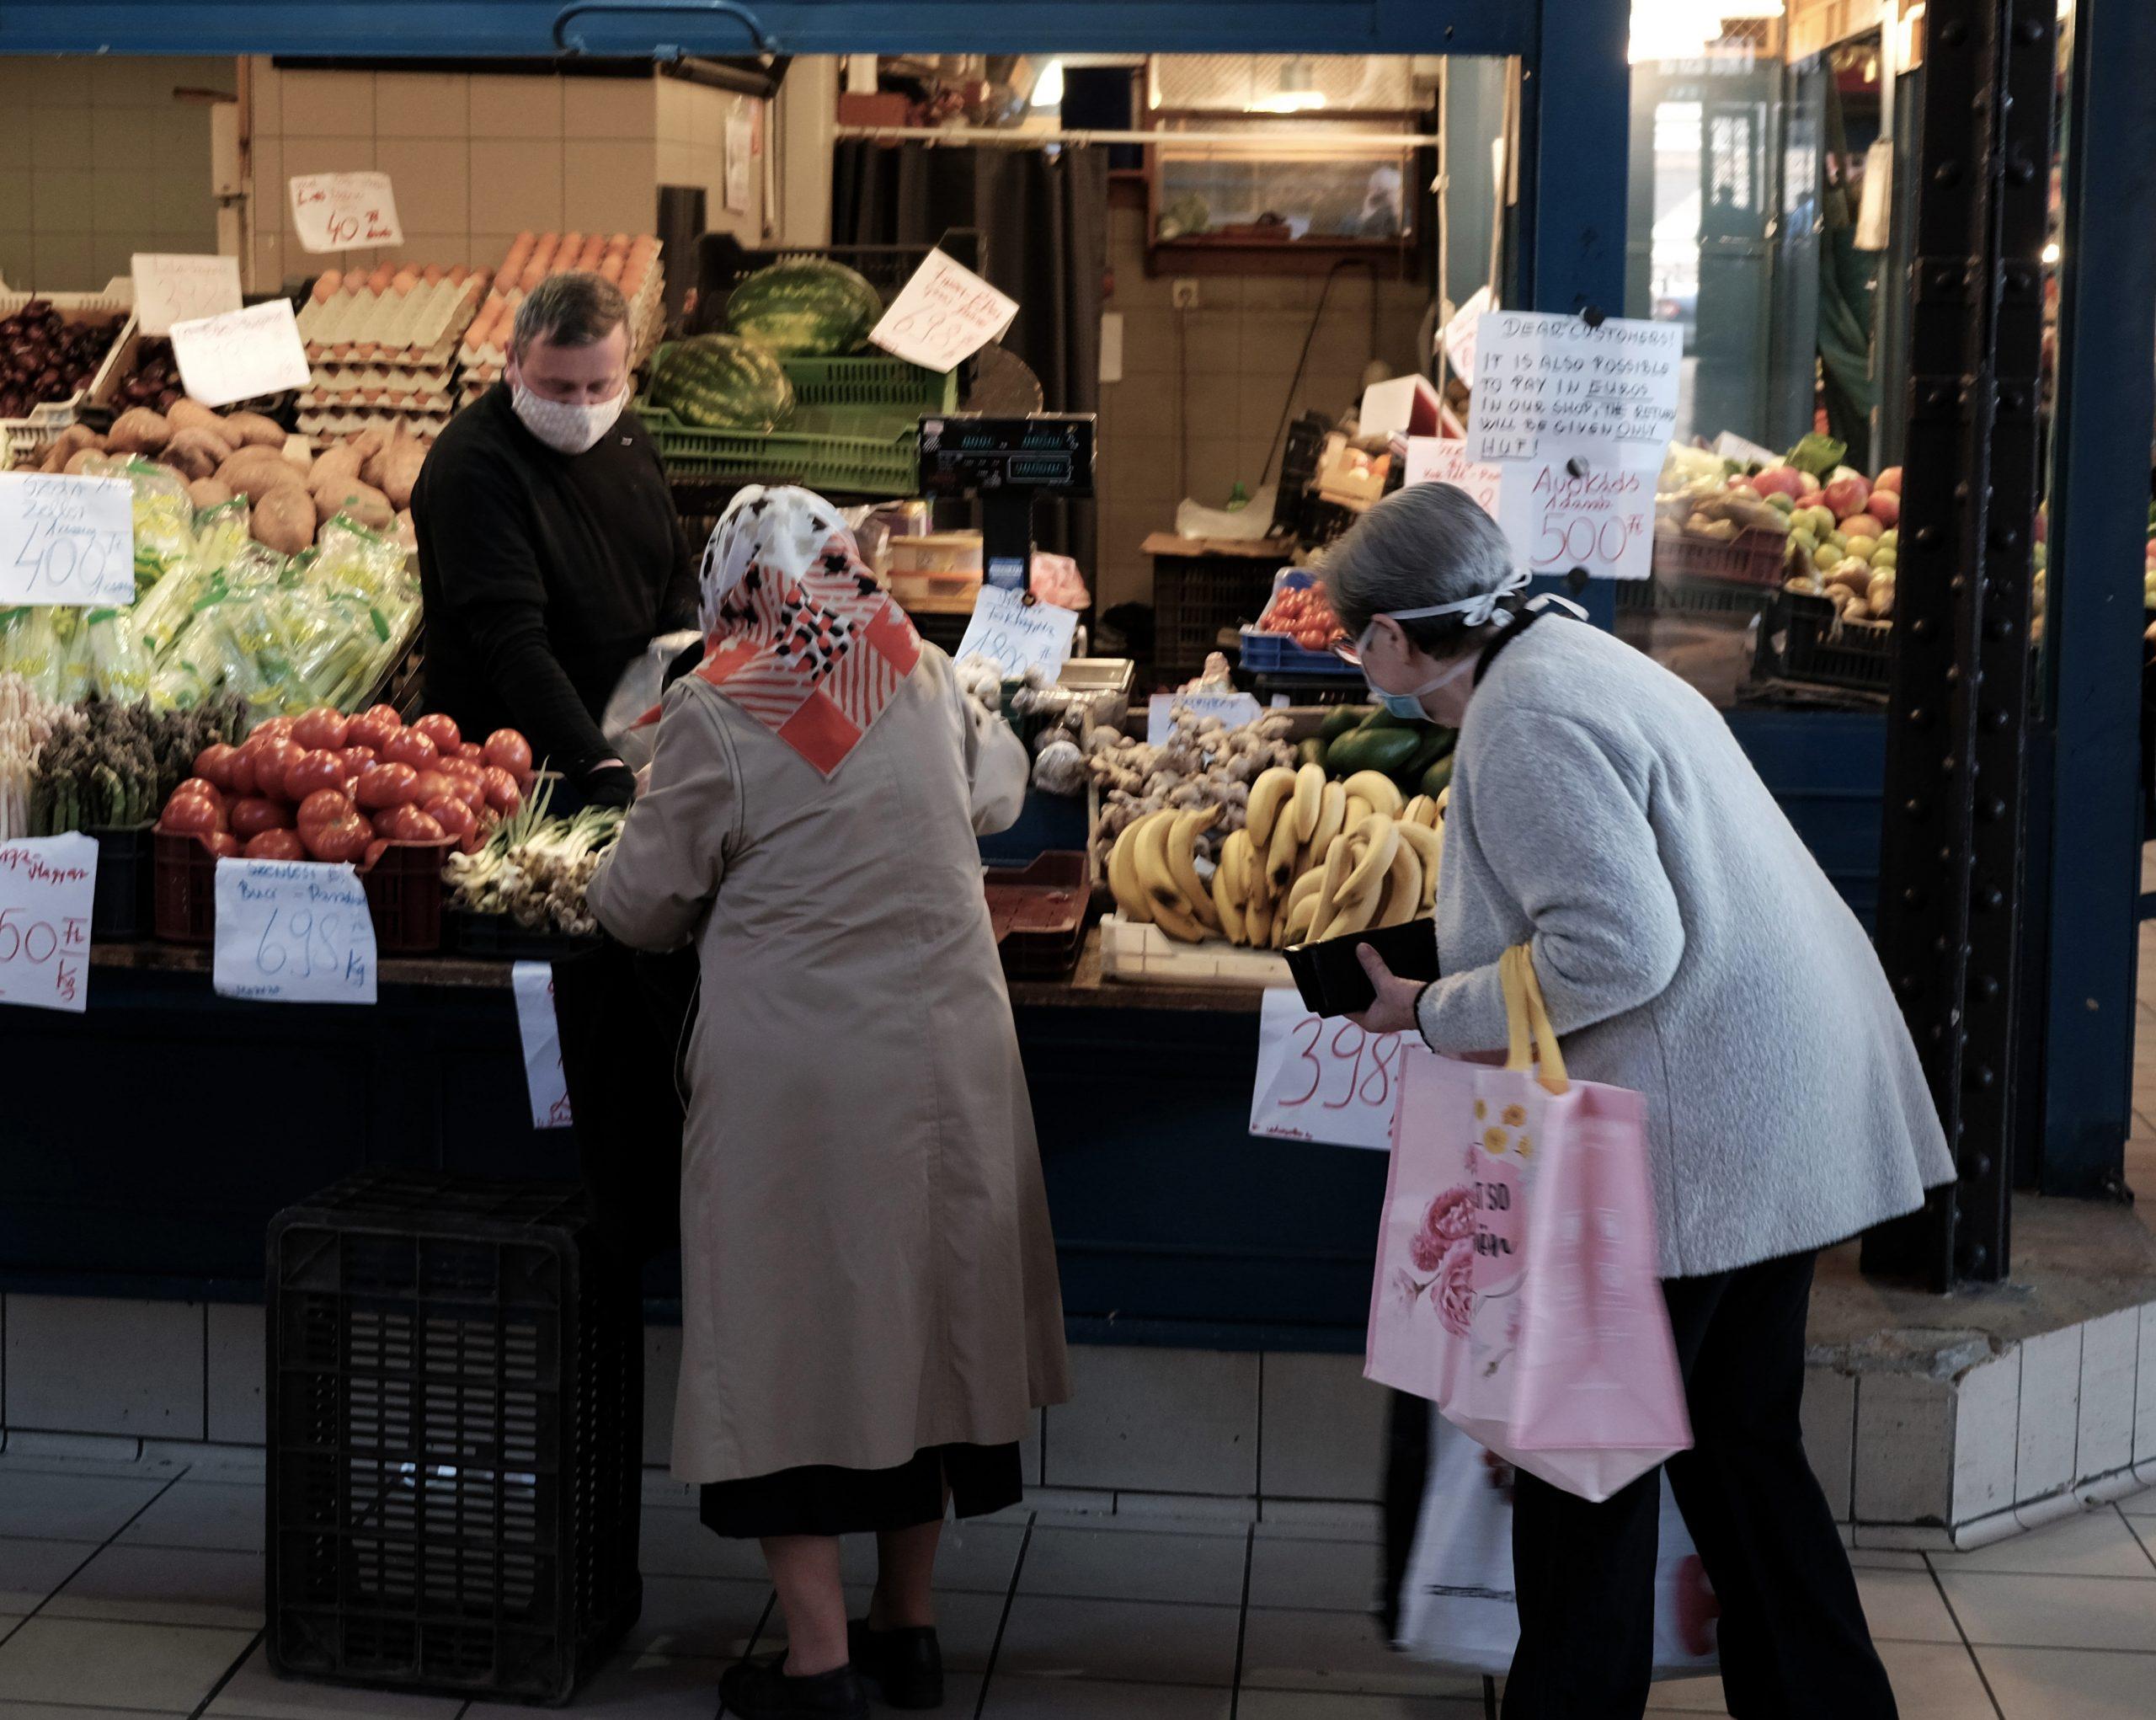 Coronavirus: Shopping Hours for Elderly Reintroduced